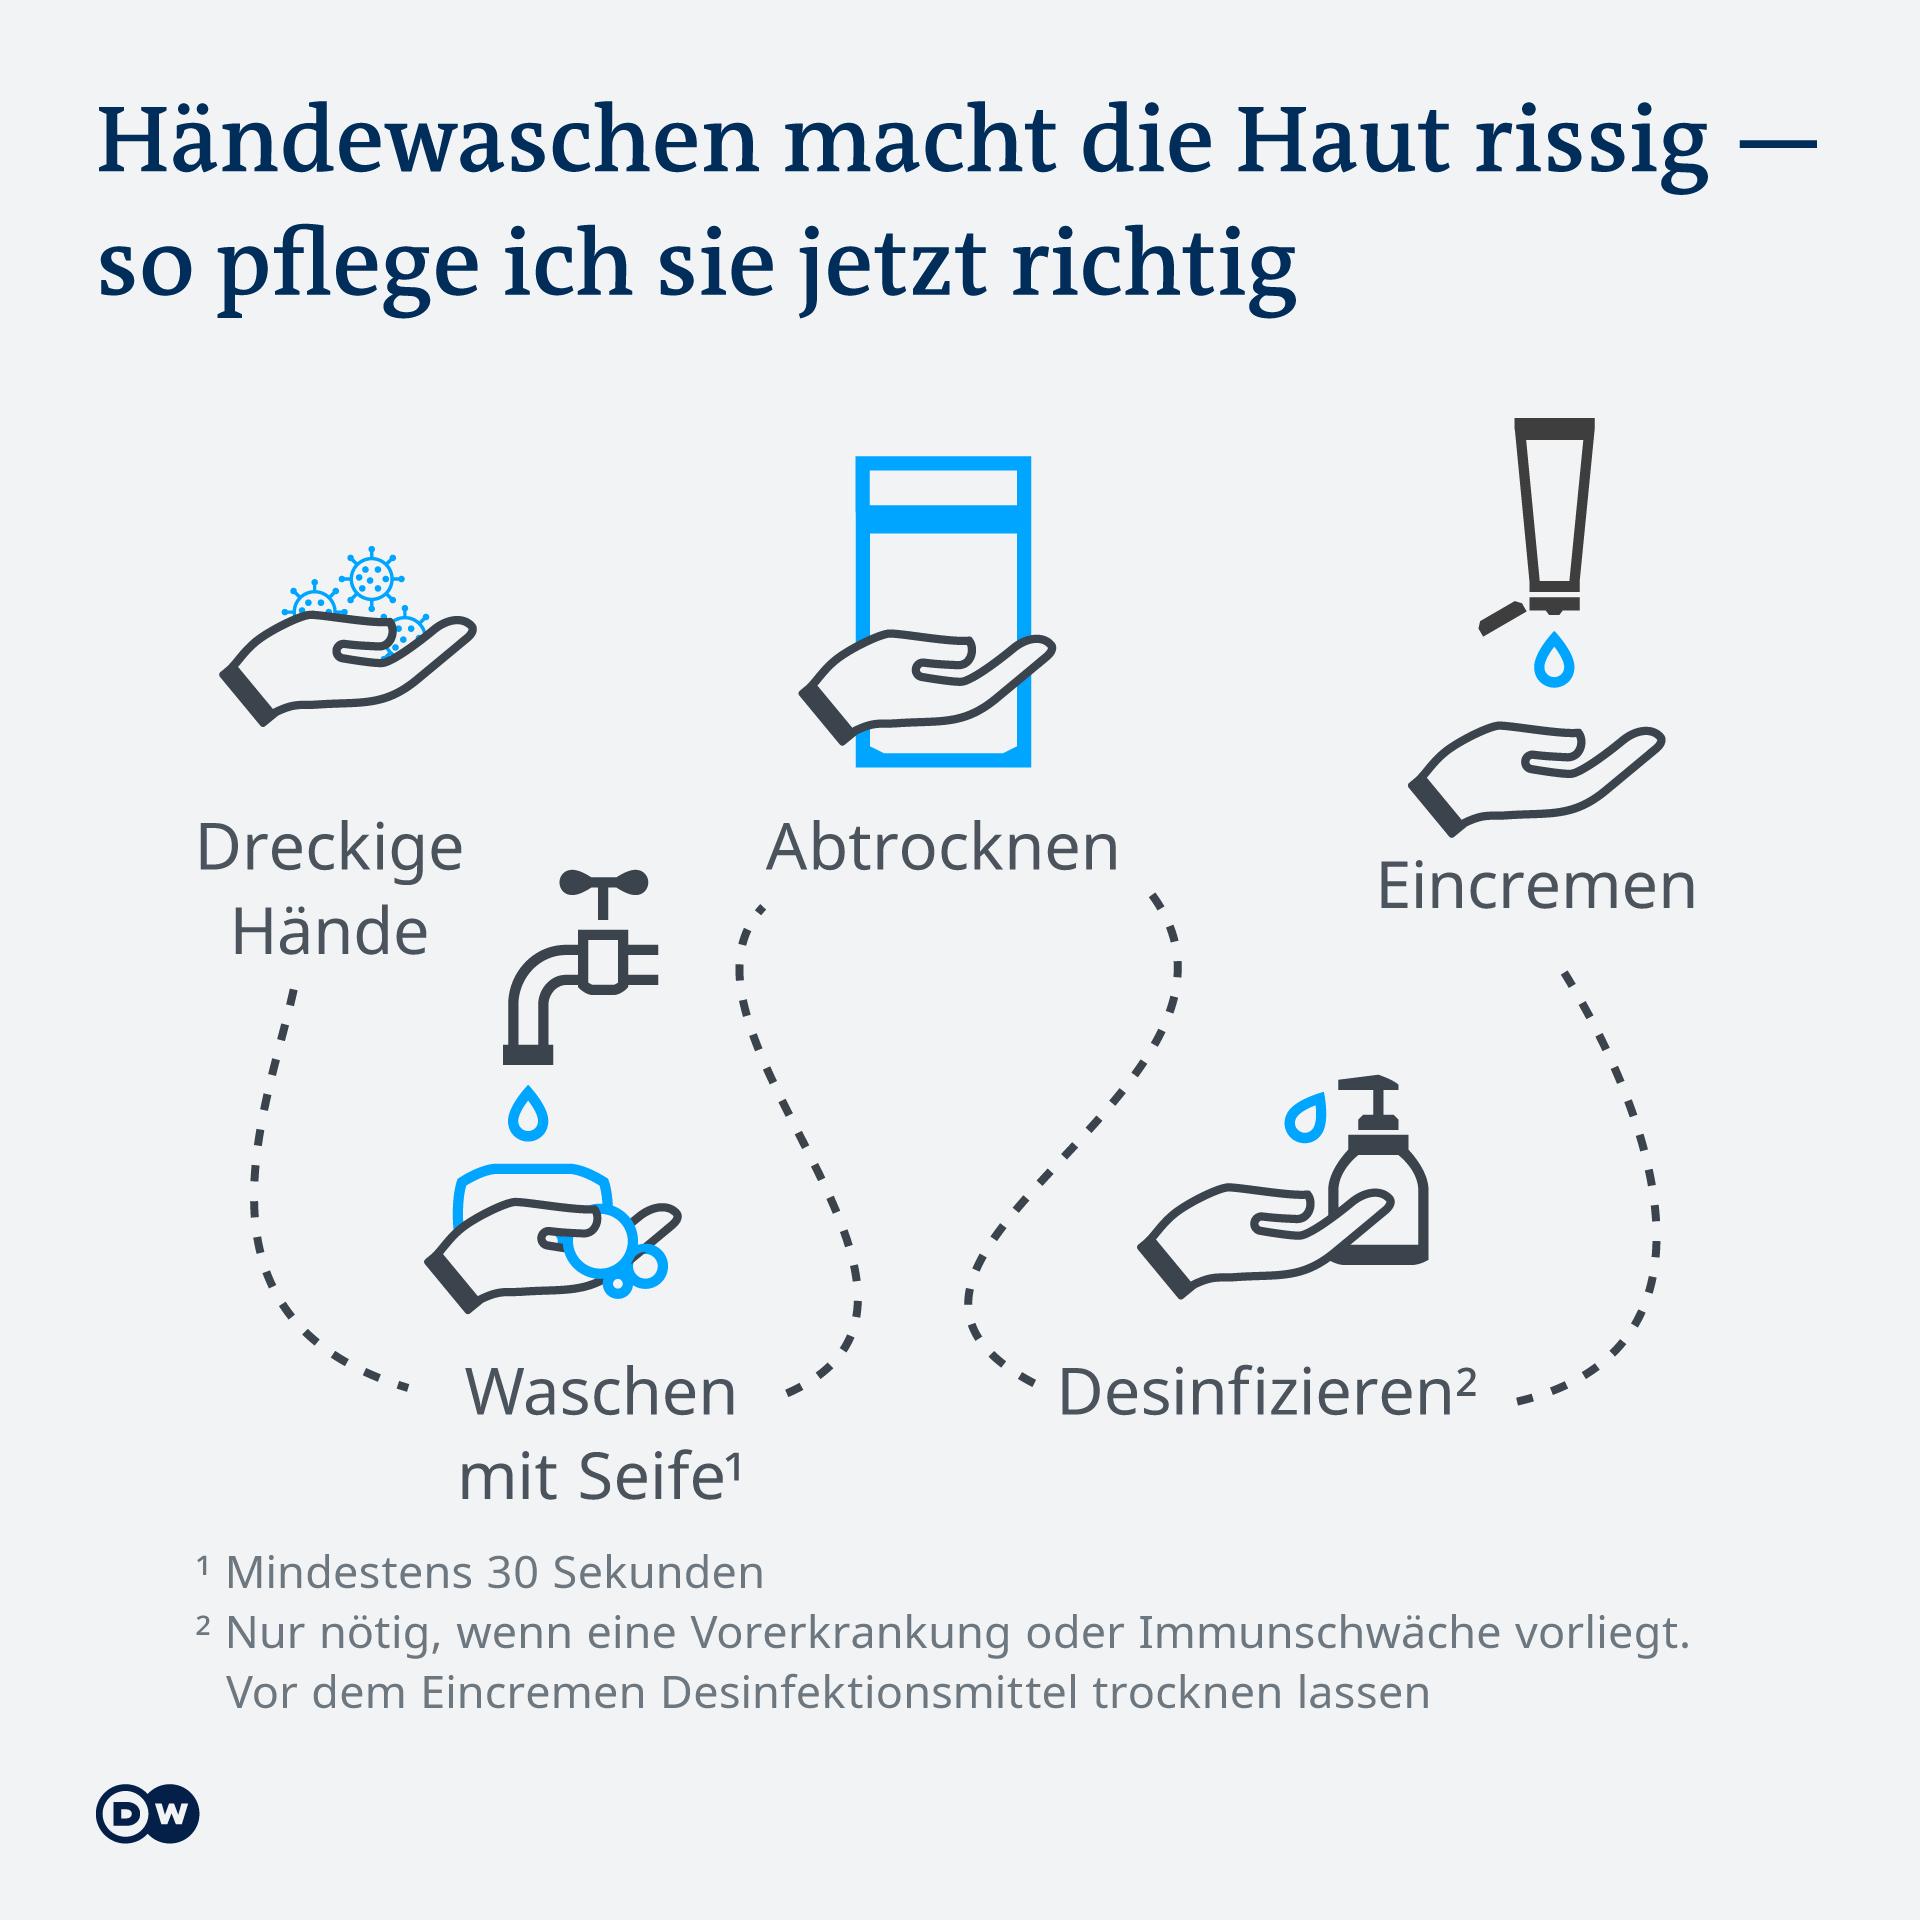 Infografik Hände und Haut richtig pflegen DE